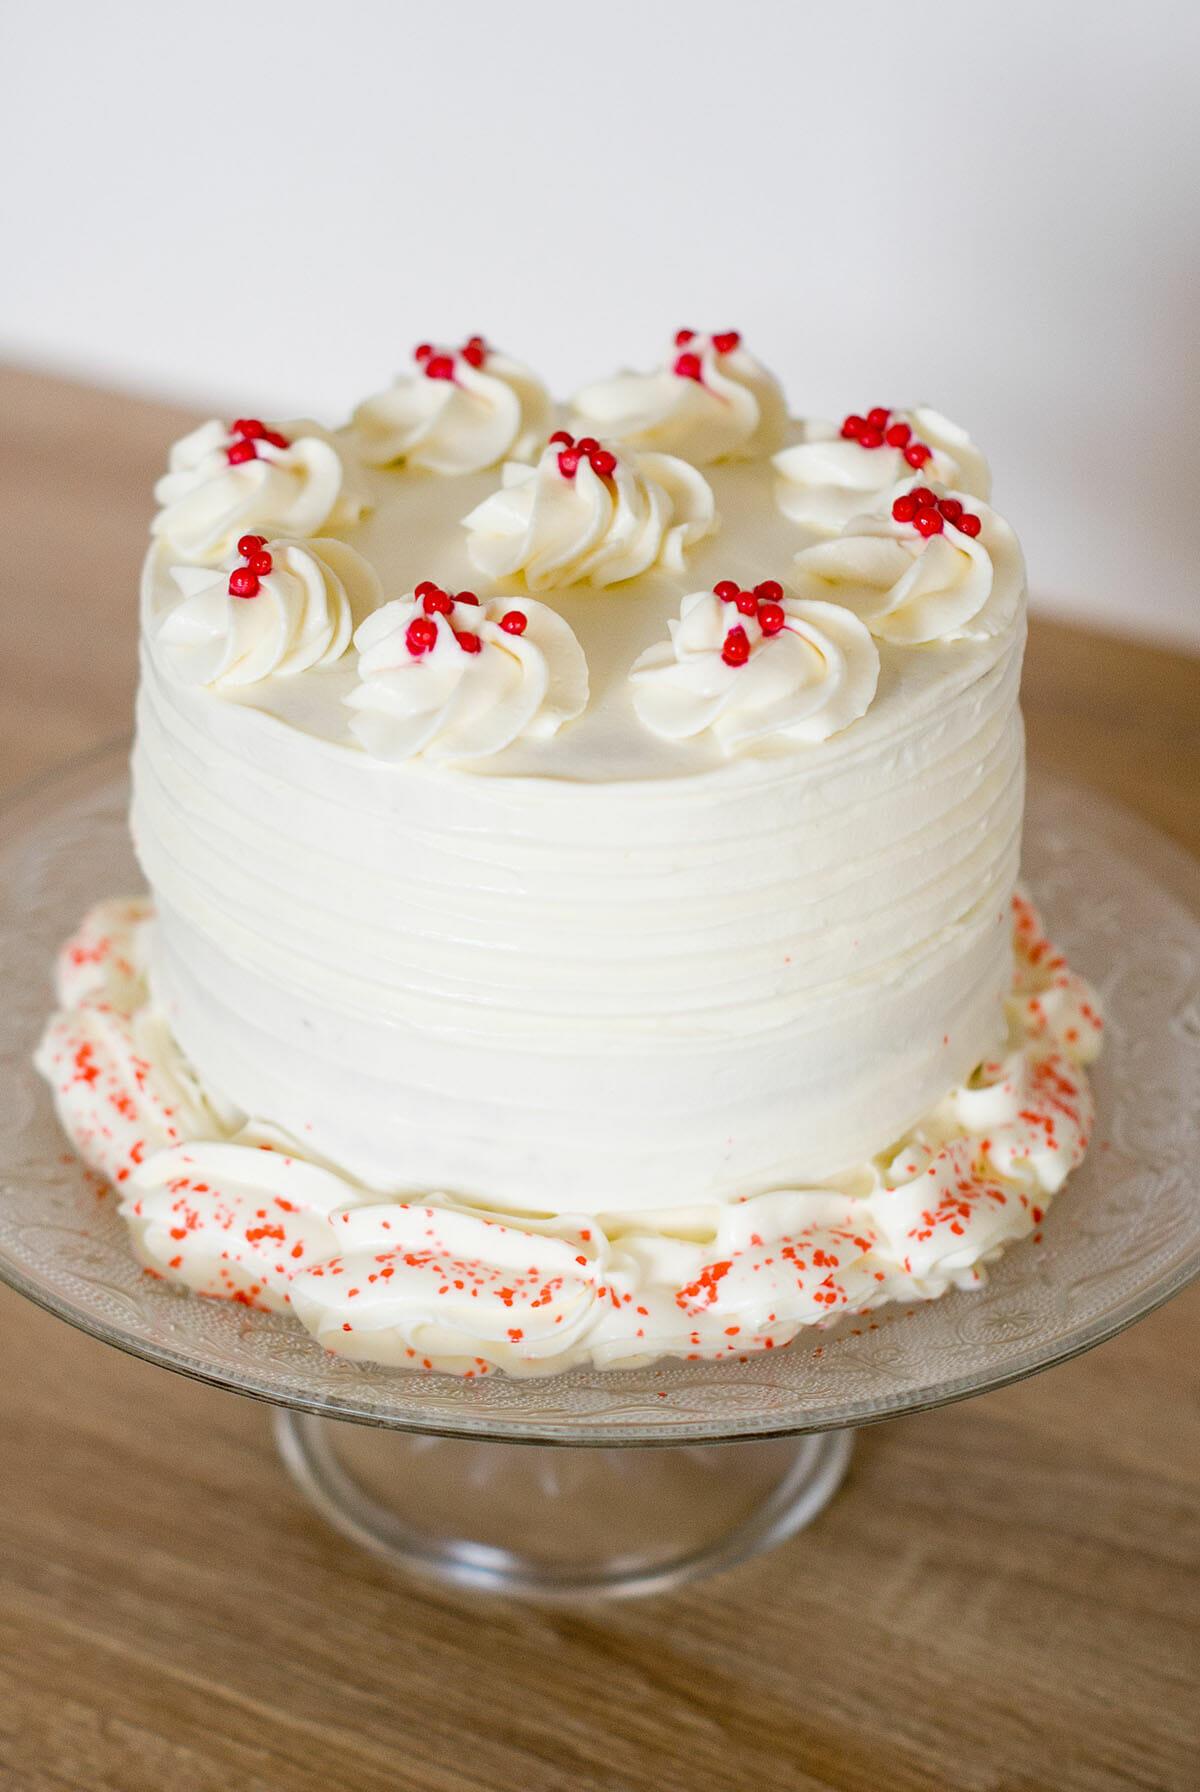 Recette Layer Cake Anniversaire Bebe